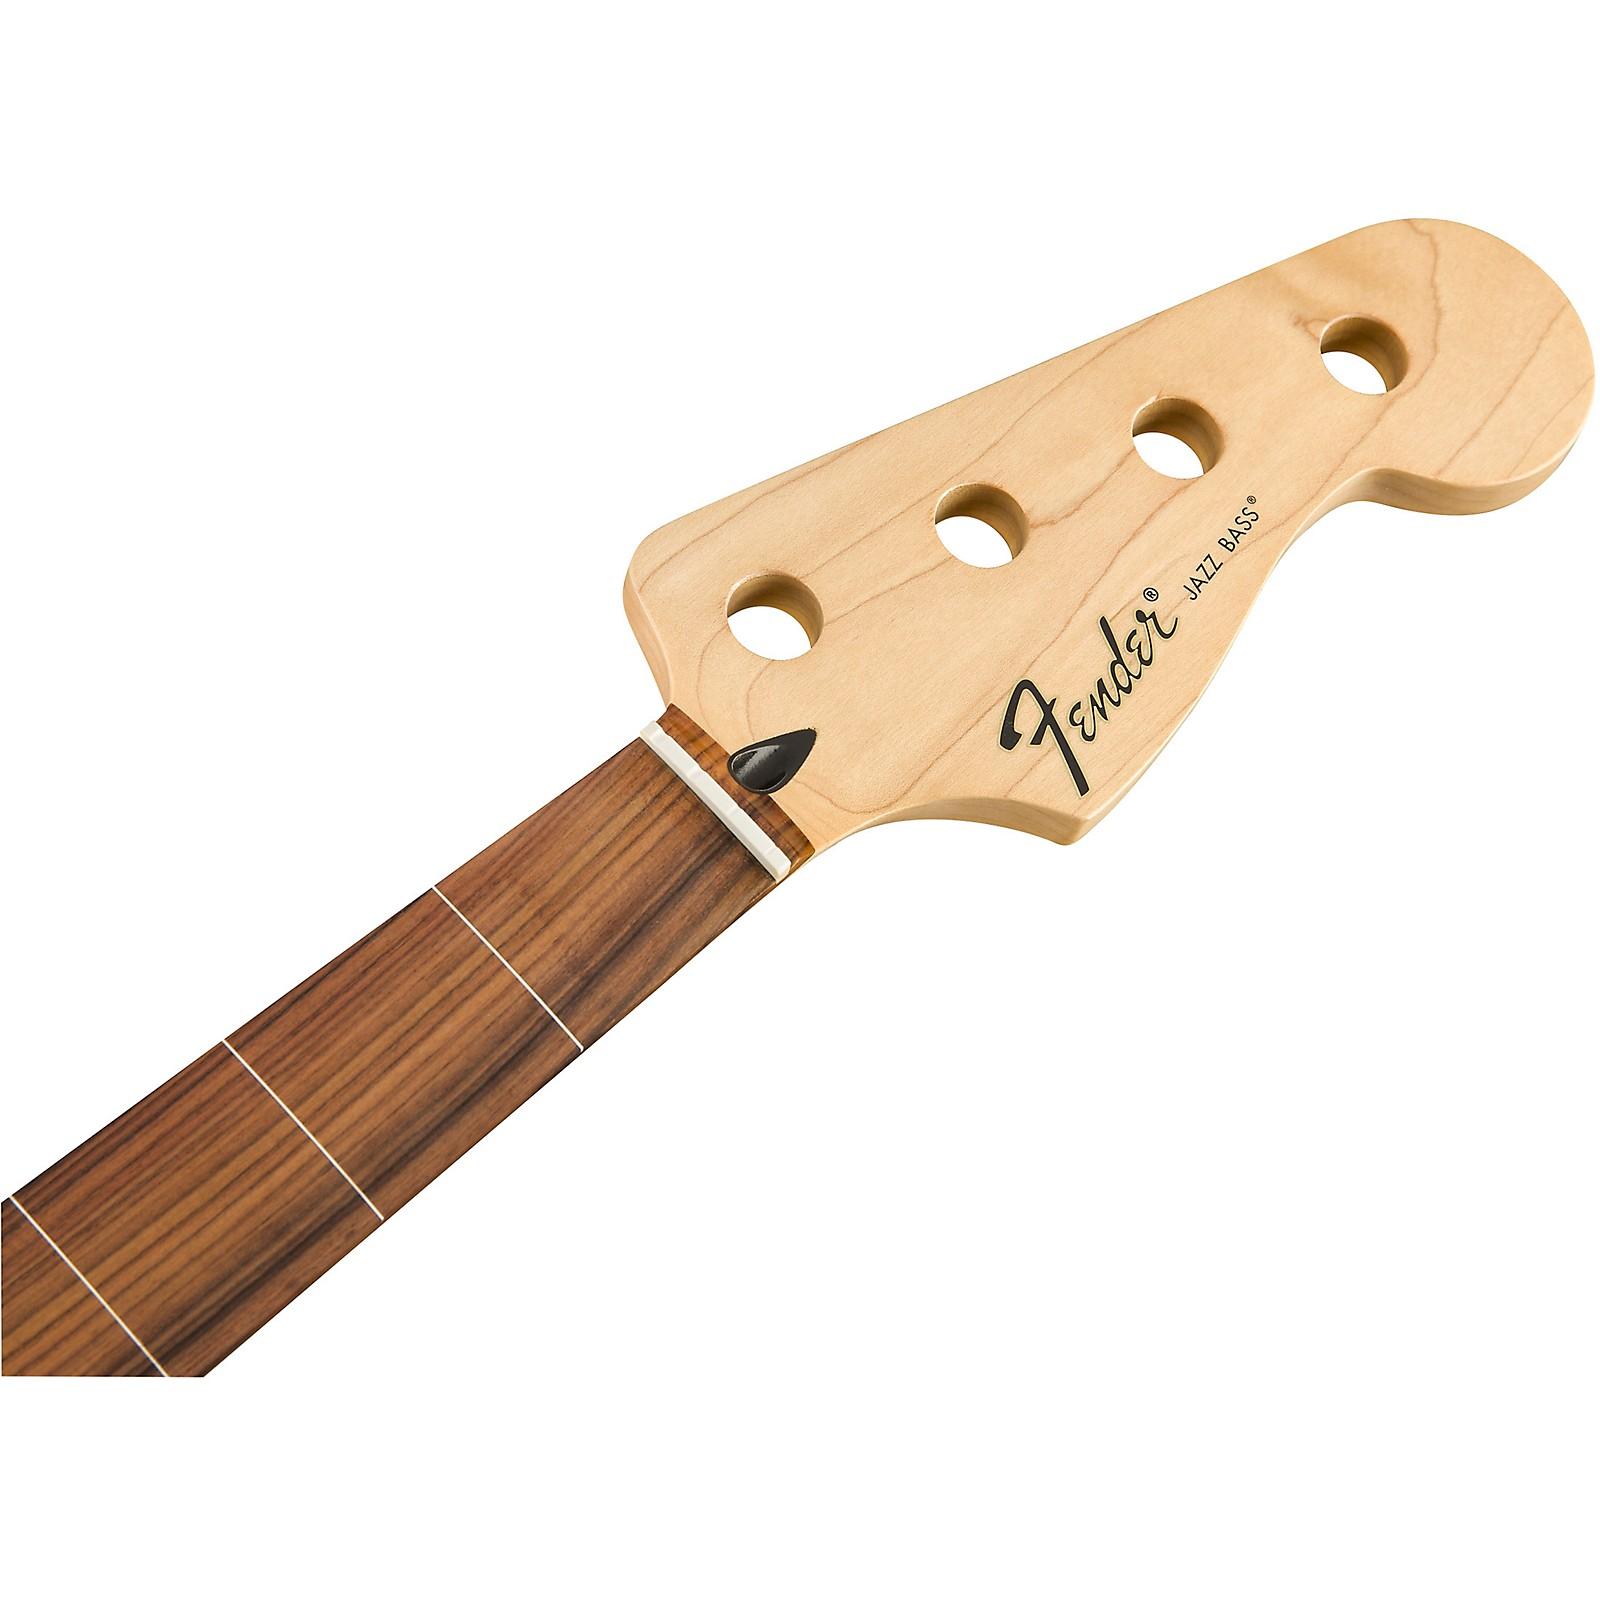 Fender Standard Series Fretlesss Jazz Bass Neck with Pau Ferro Fingerboard